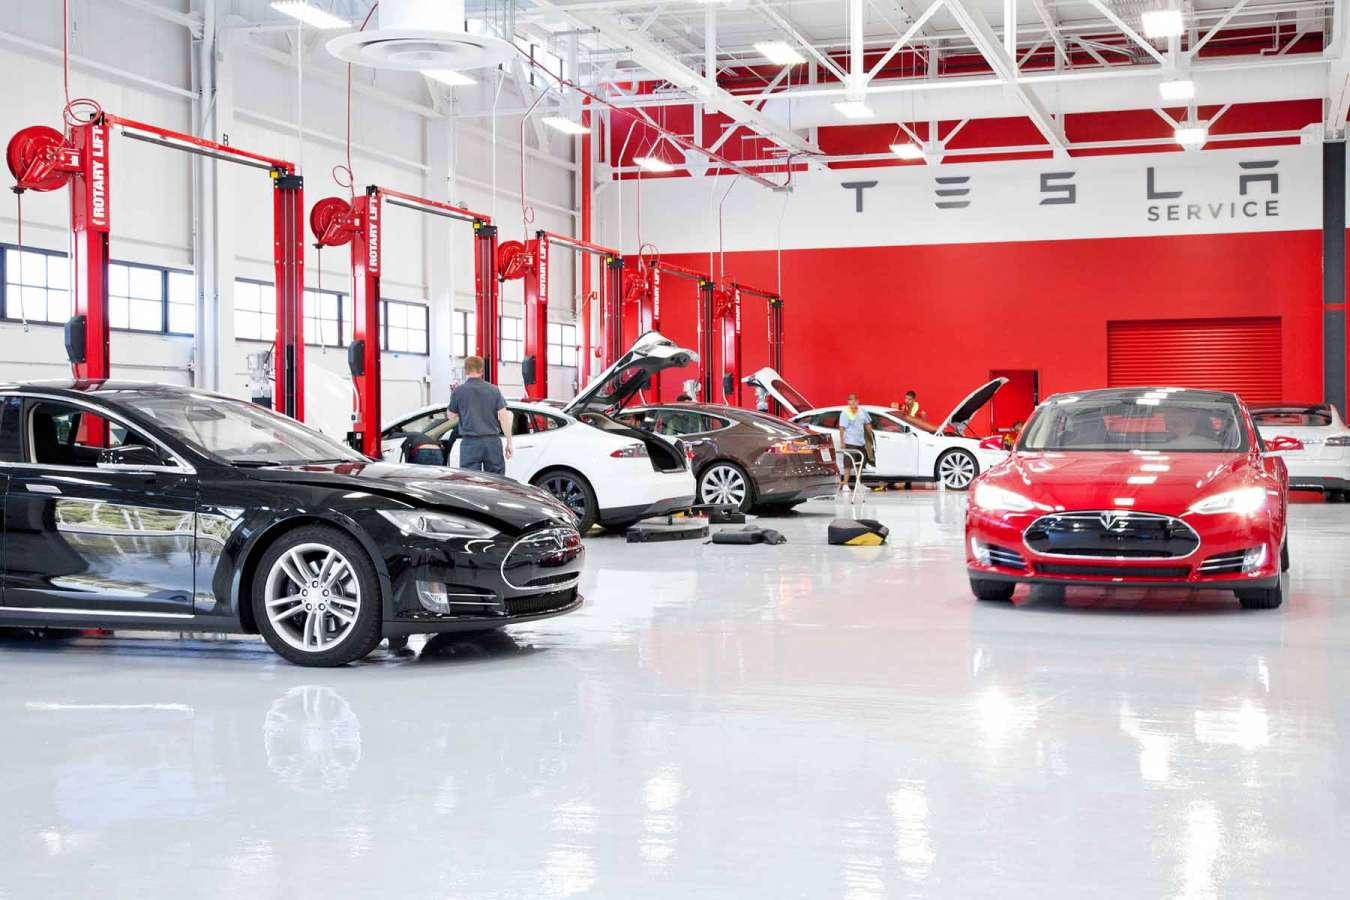 Coût et entretien d'une voiture électrique : ce qu'il faut savoir